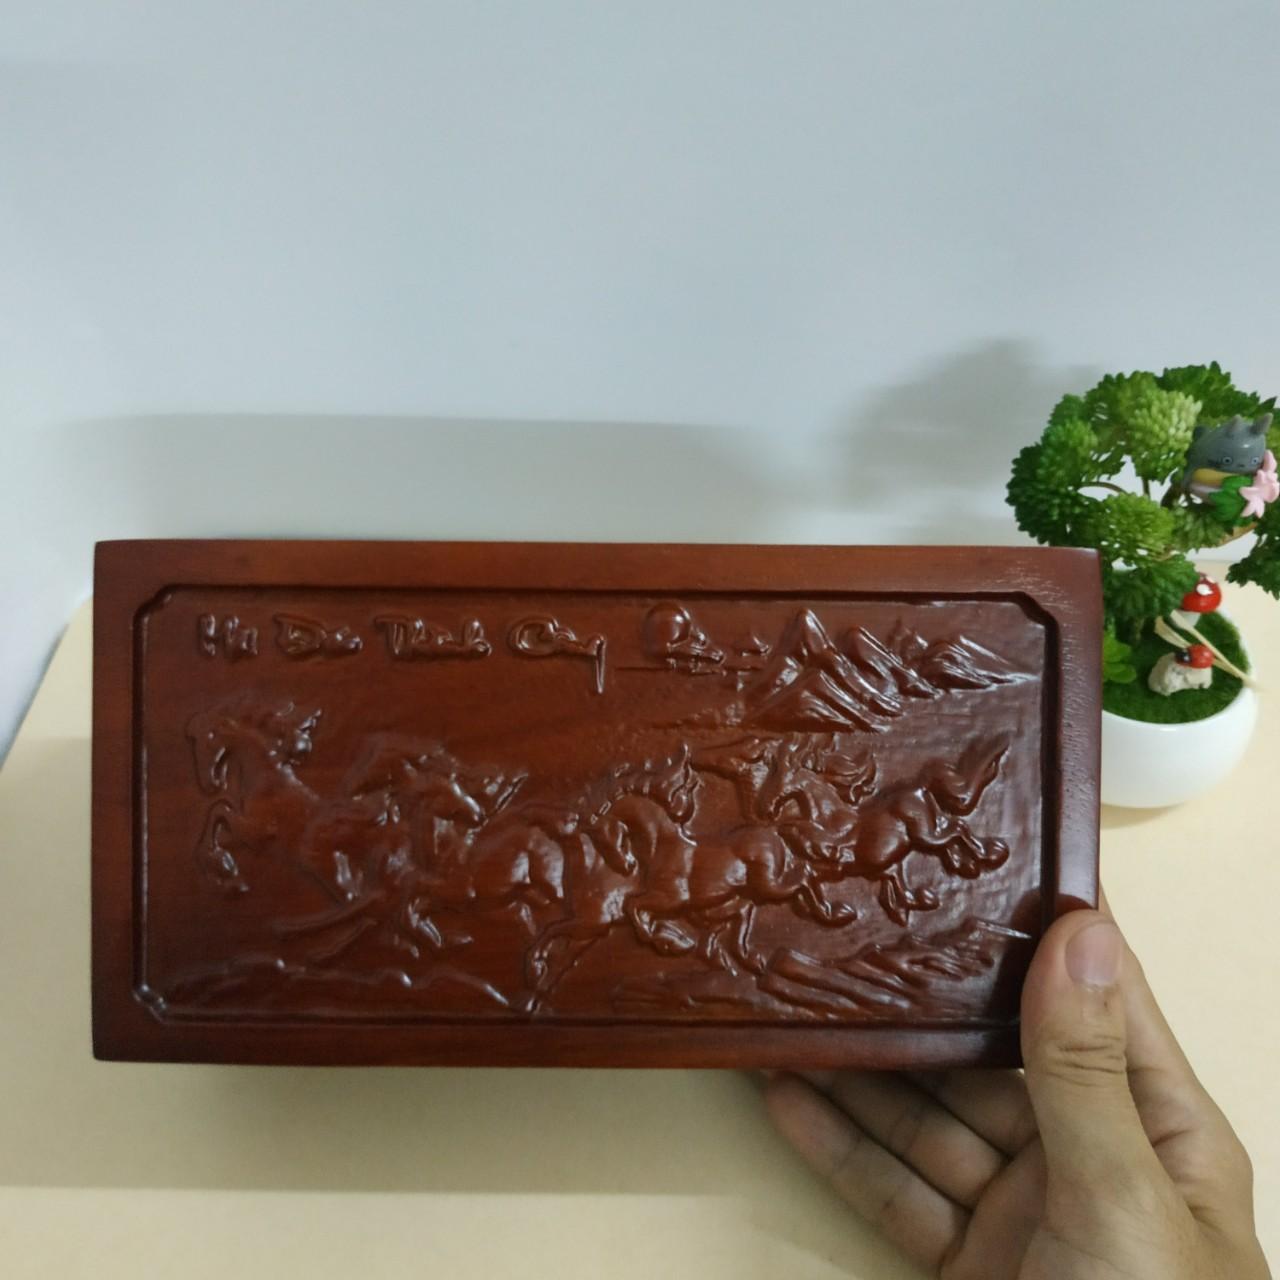 Hộp đựng trang sức khắc Mã đáo thành công cực đẹp bằng gỗ hương lót nỉ đỏ